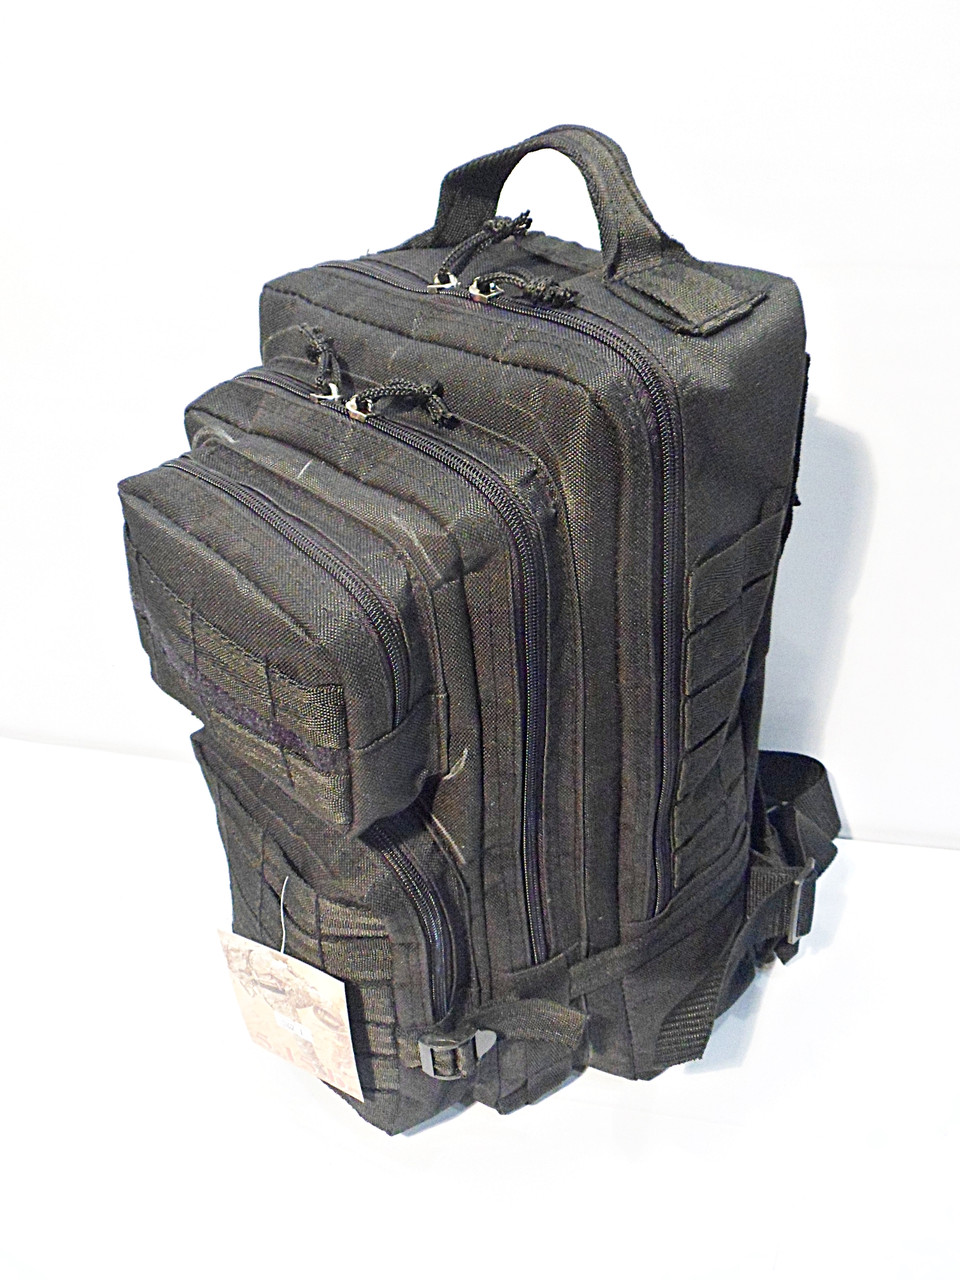 """Тактический, штурмовой супер-крепкий рюкзак 25 литров черный - Тактические рюкзаки, сумки, барсетки ТМ """" 5.15.b """" в Харькове"""